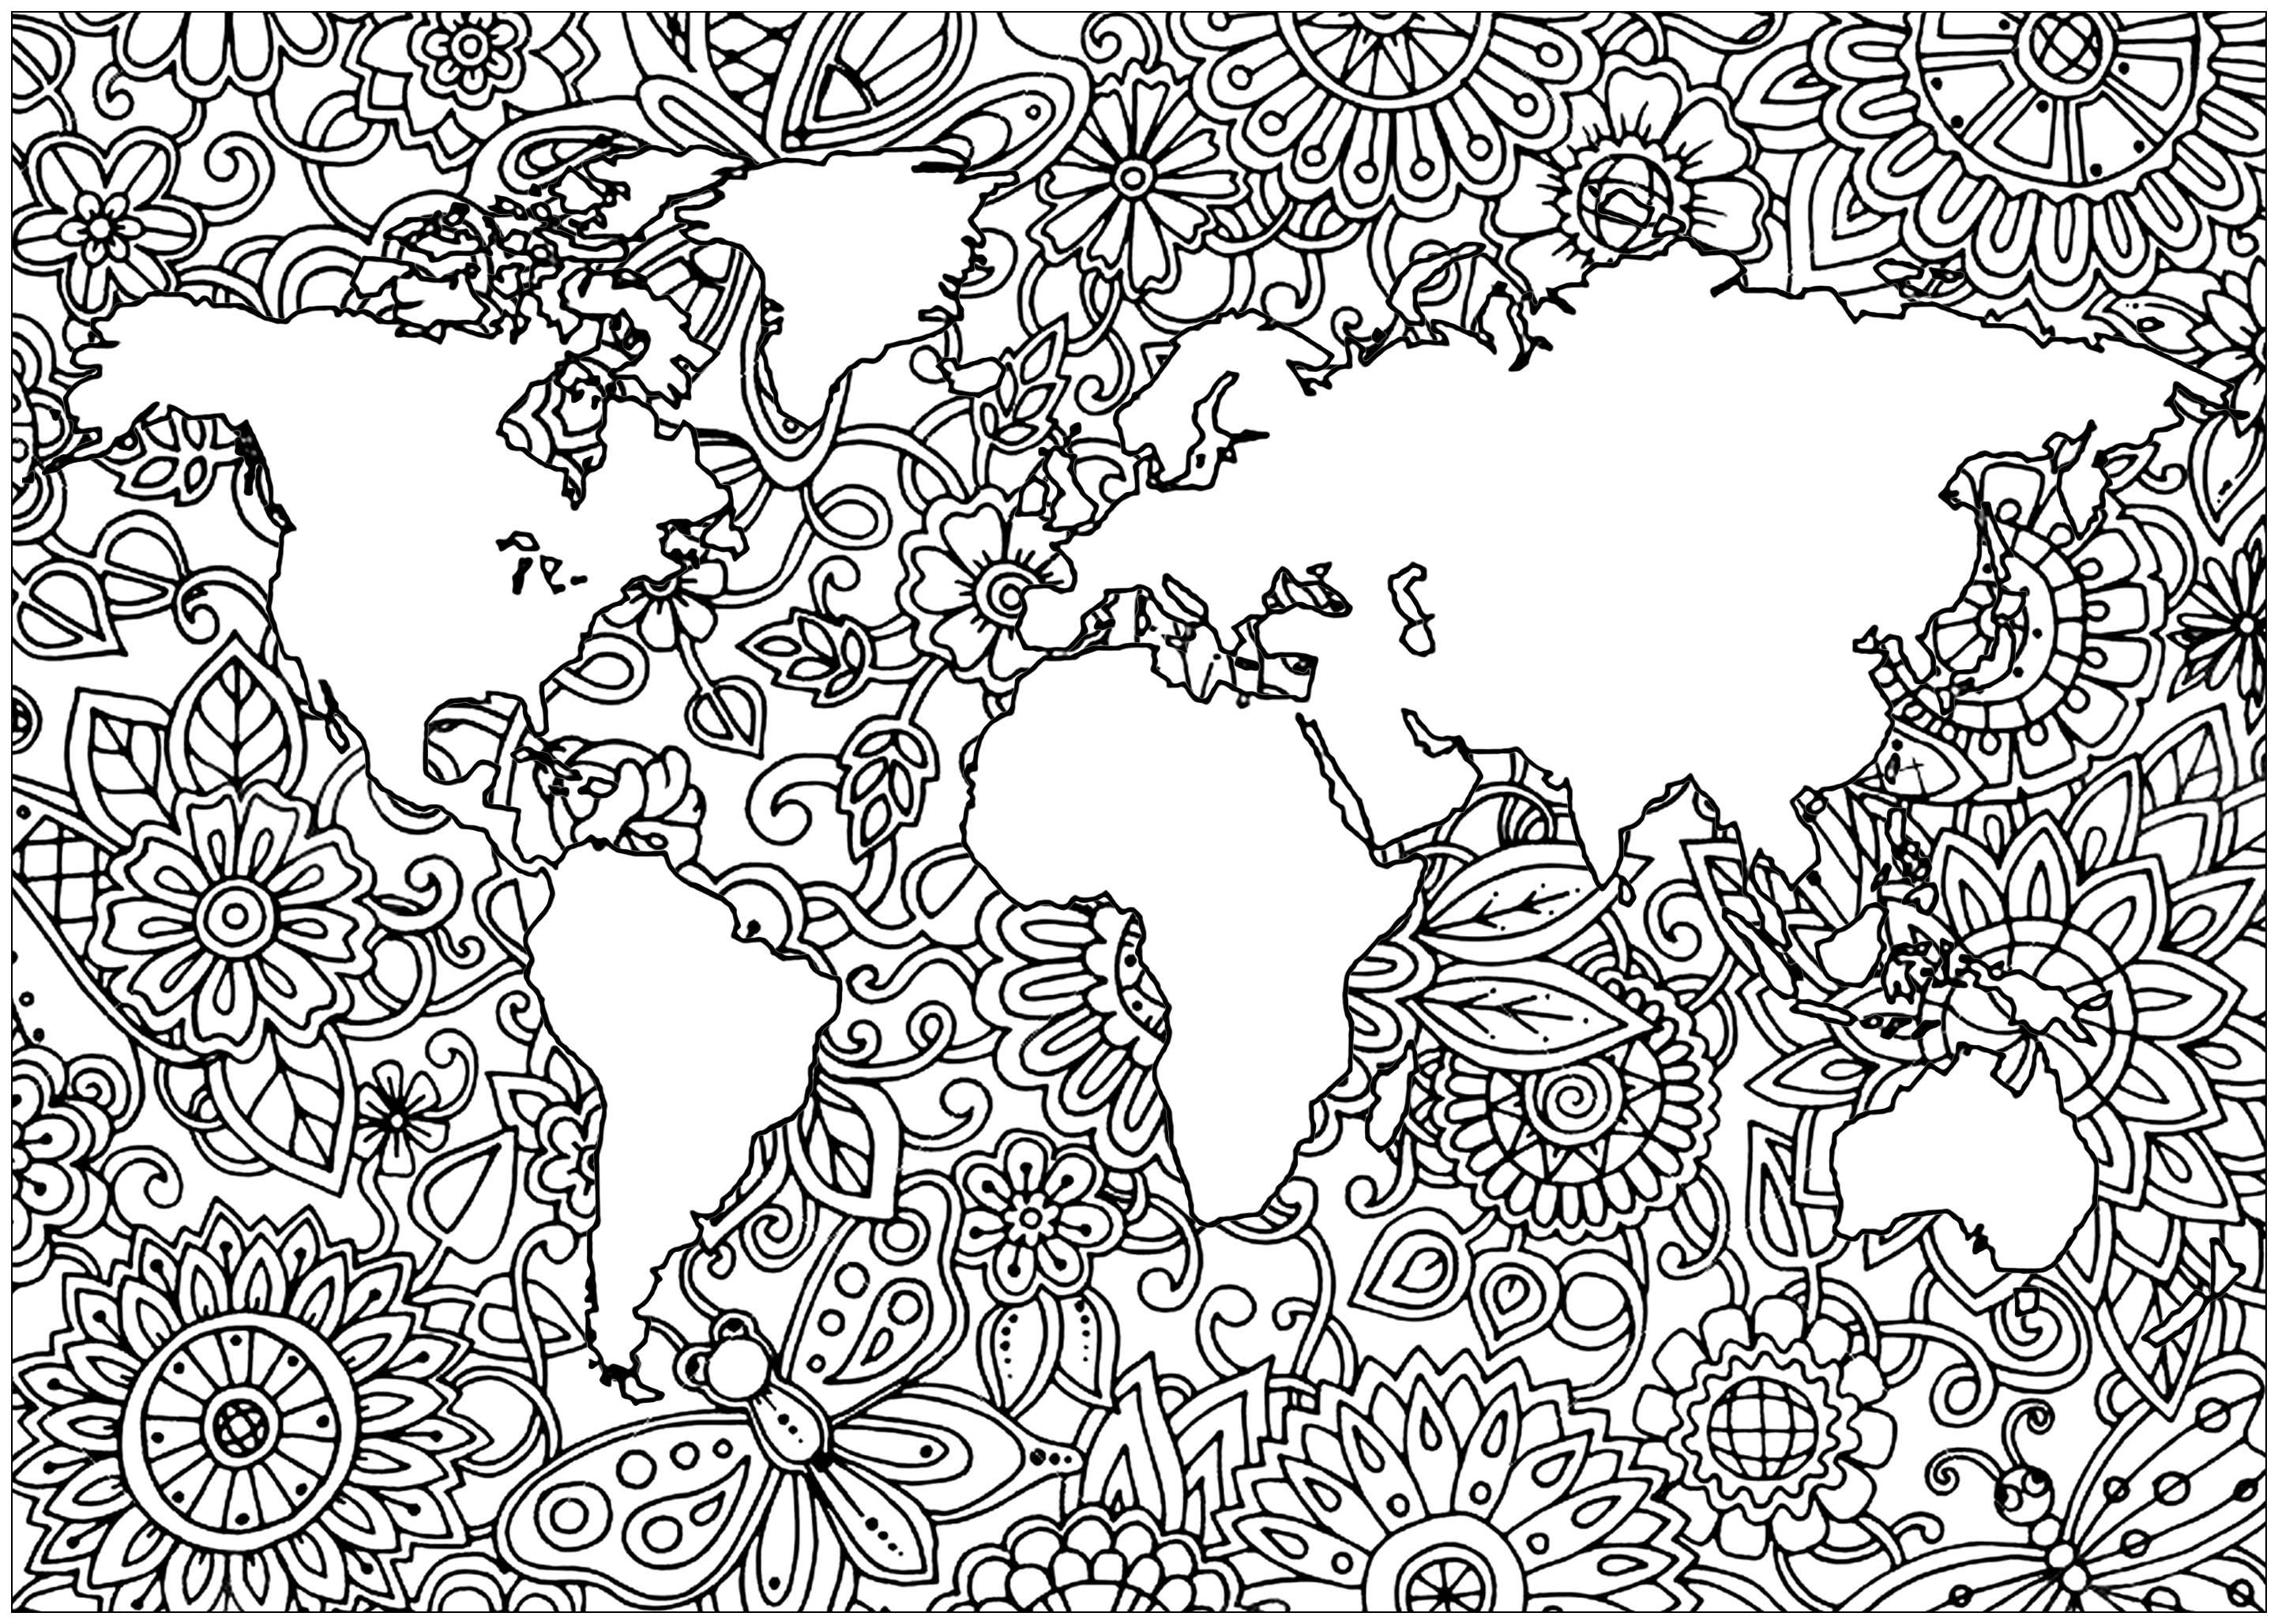 Planète Terre Et Fleurs 1 - Anti-Stress & Art-Thérapie tout Coloriage Anti Stress Adulte